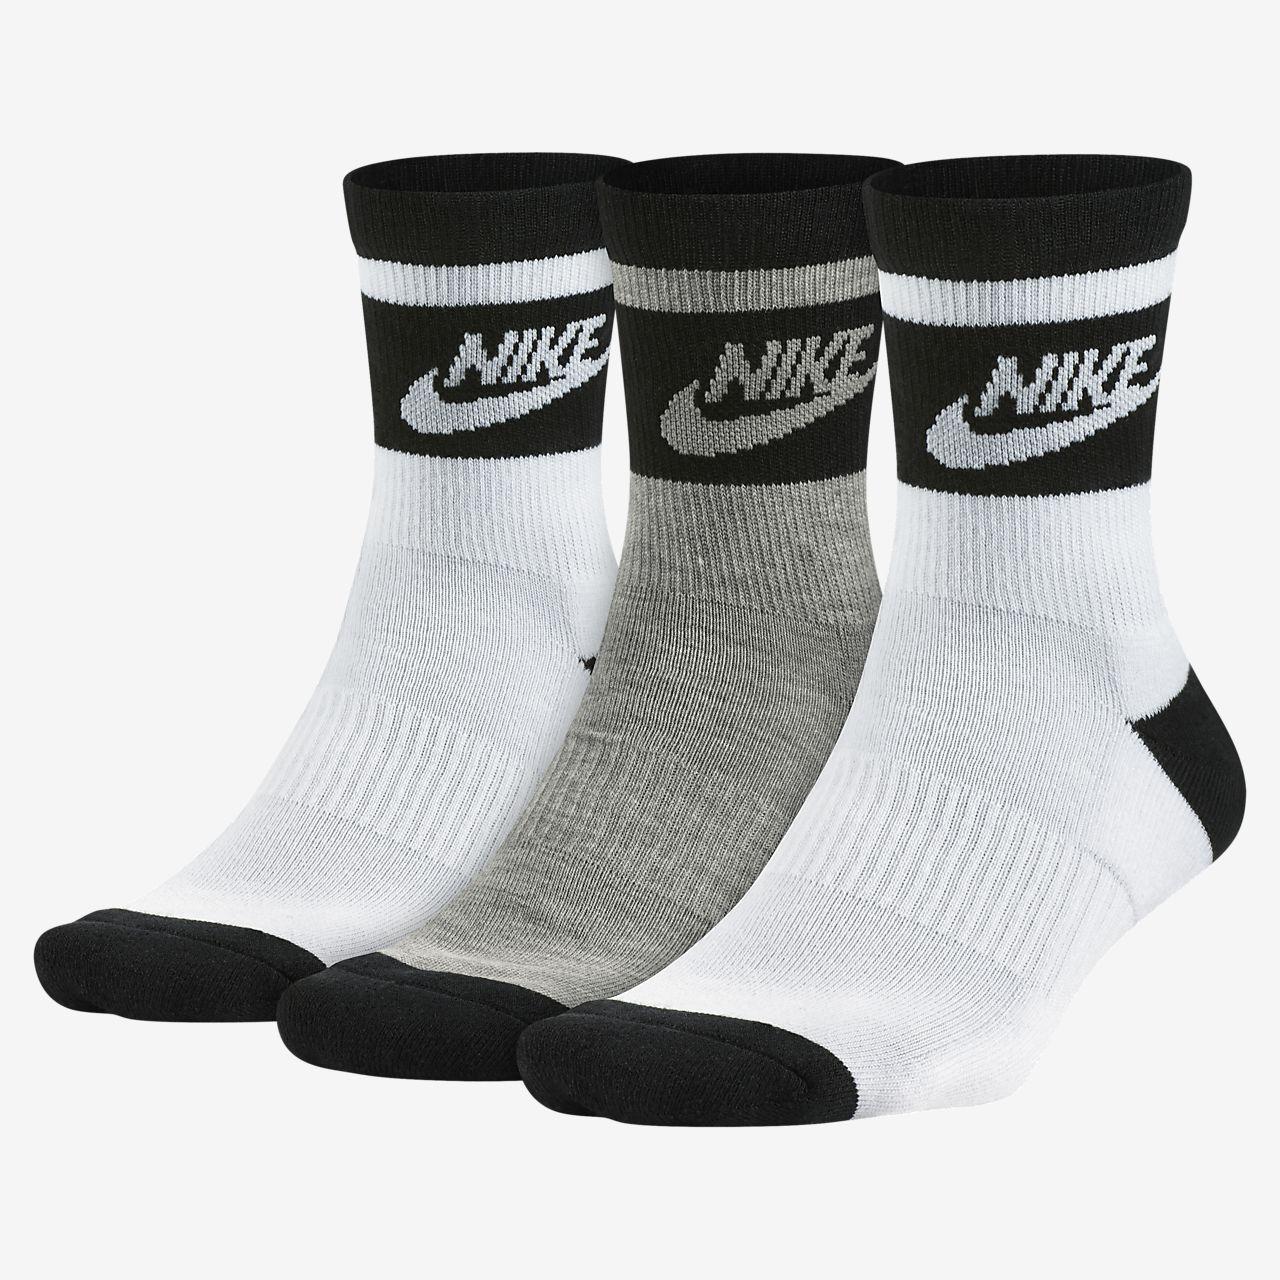 3x Pares de calcetines Nike por solo 6,97